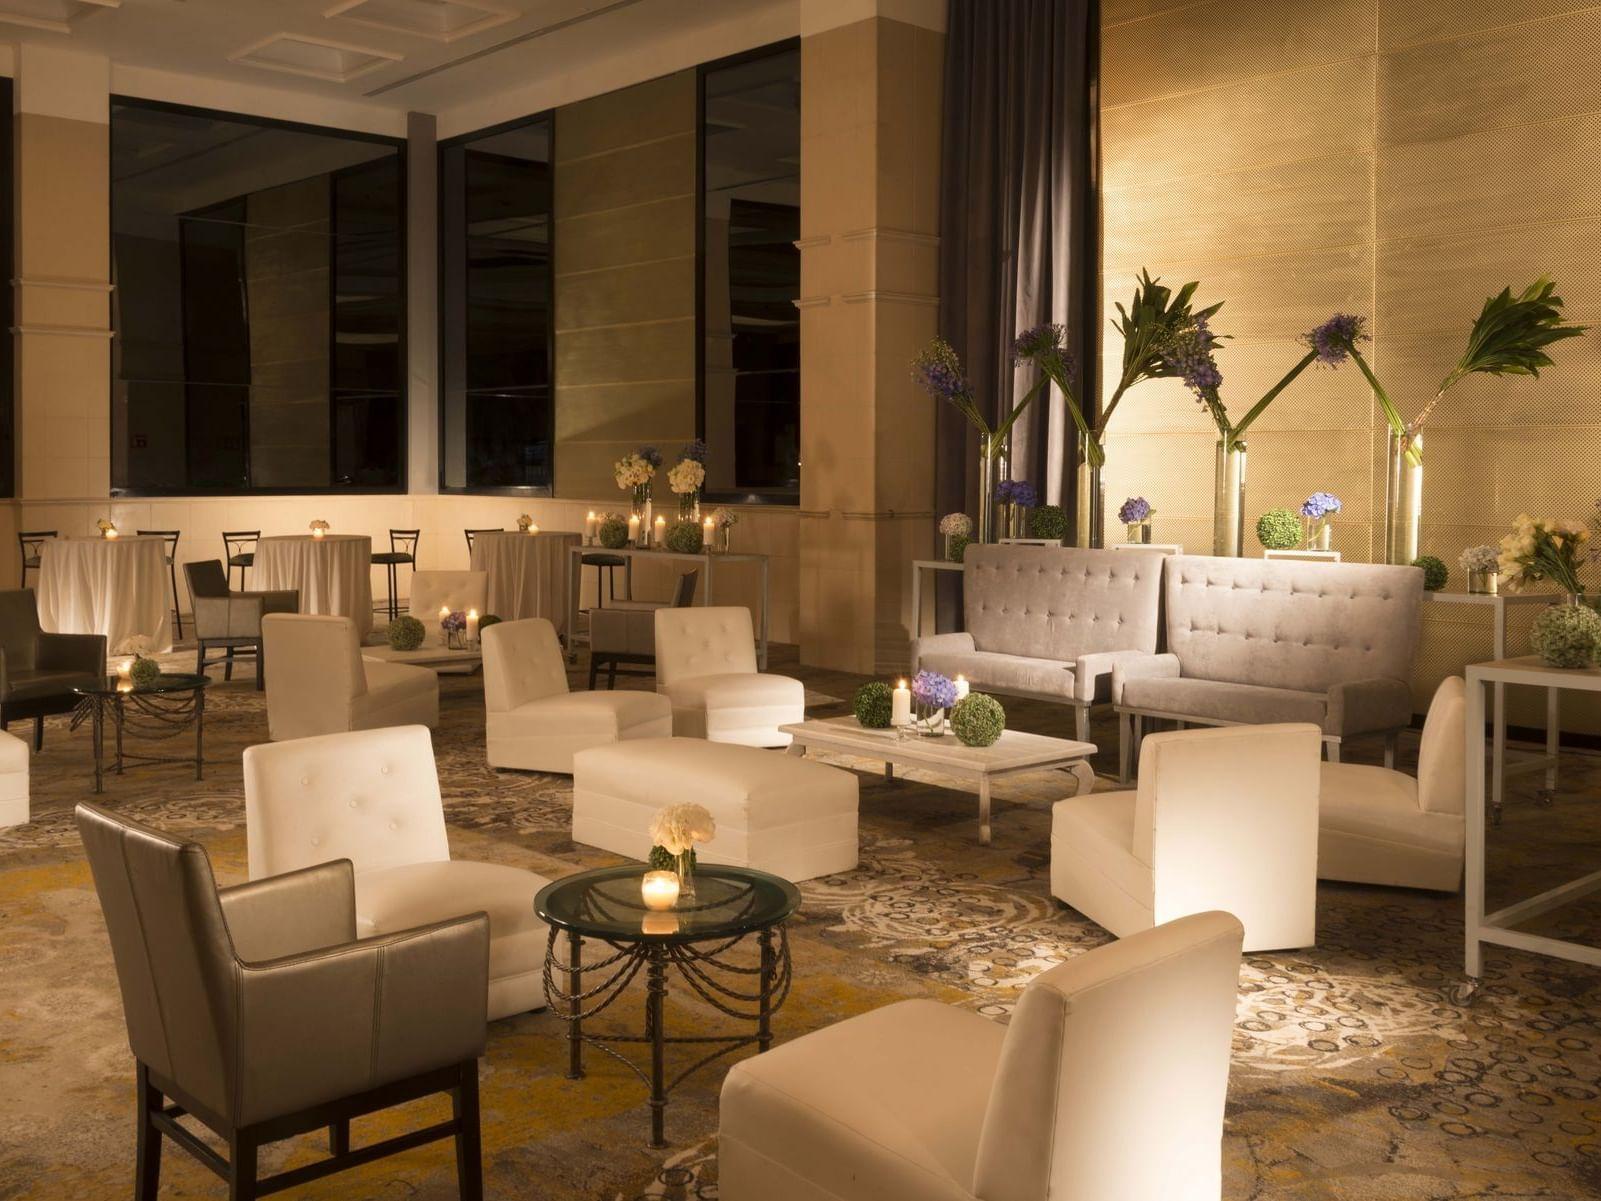 Emperador lounge at Marquis Reforma